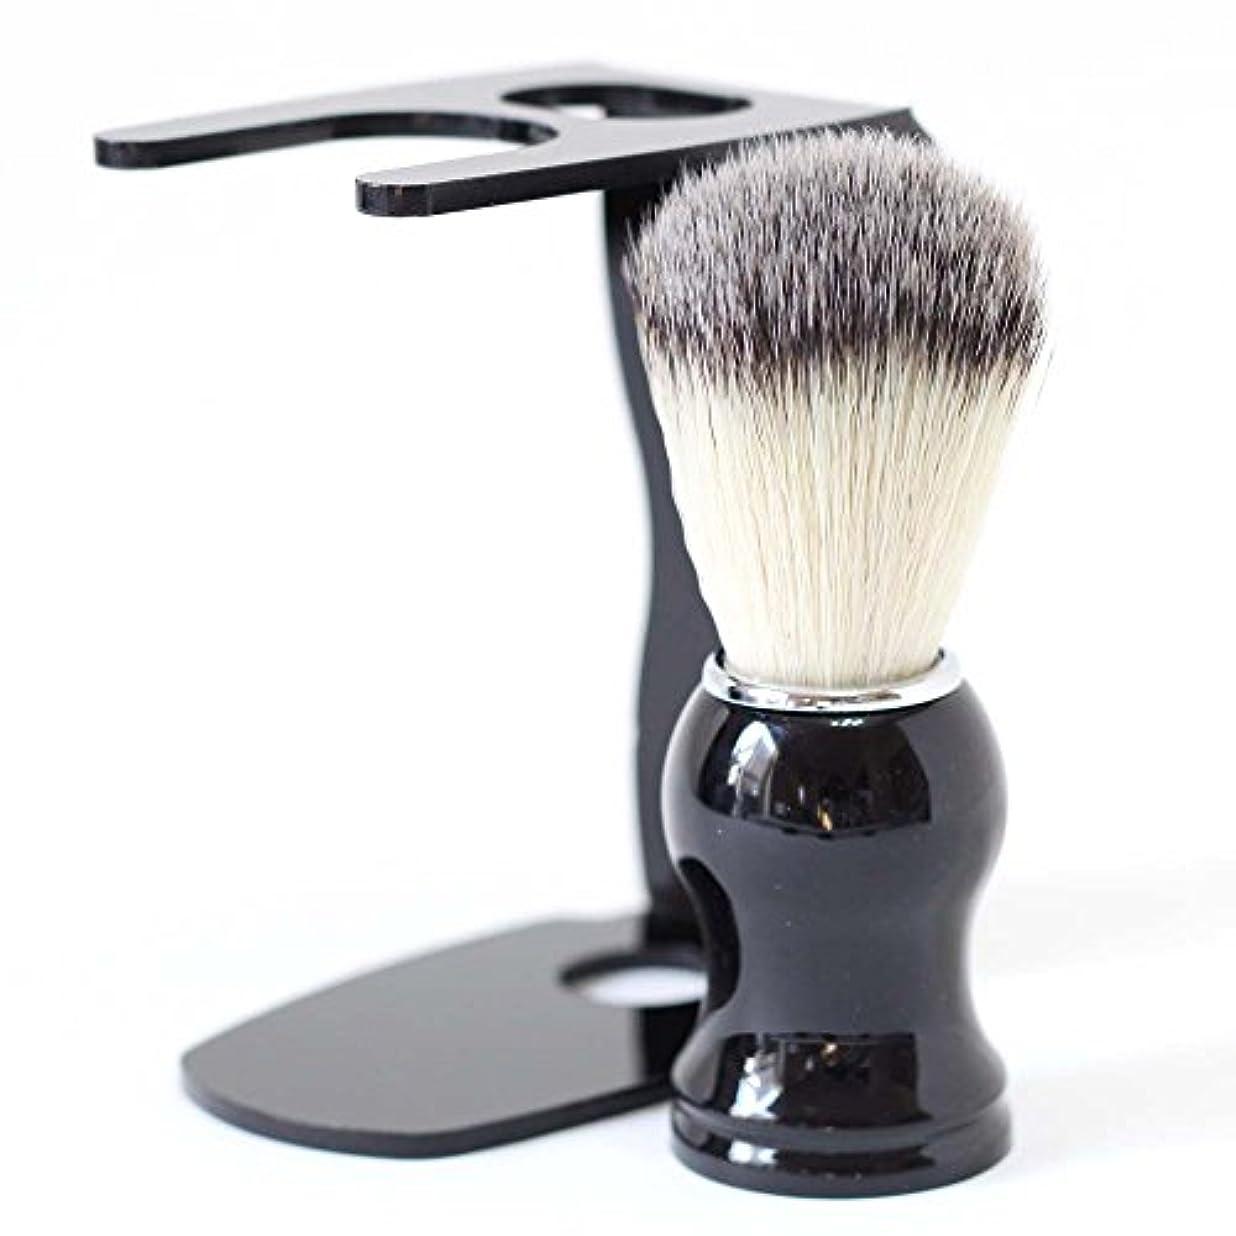 適性断言するオーストラリア人【Barsado】泡立ちが違う 100% アナグマ 毛 シェービング ブラシ スタンド付き/理容 洗顔 髭剃り マッサージ 効果